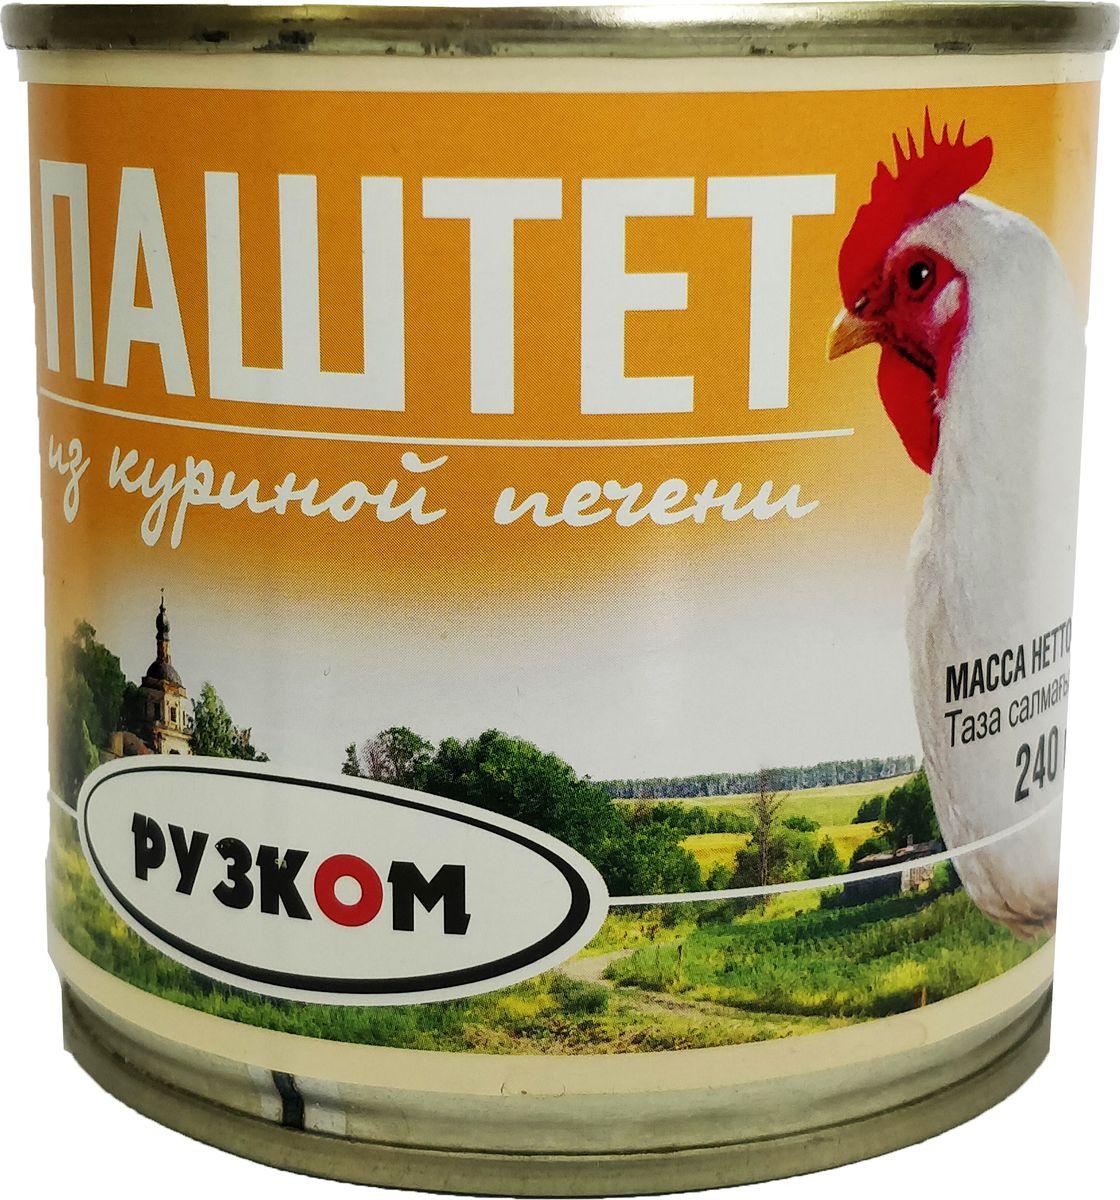 Рузком паштет из куриной печени литография, 240 г цены онлайн